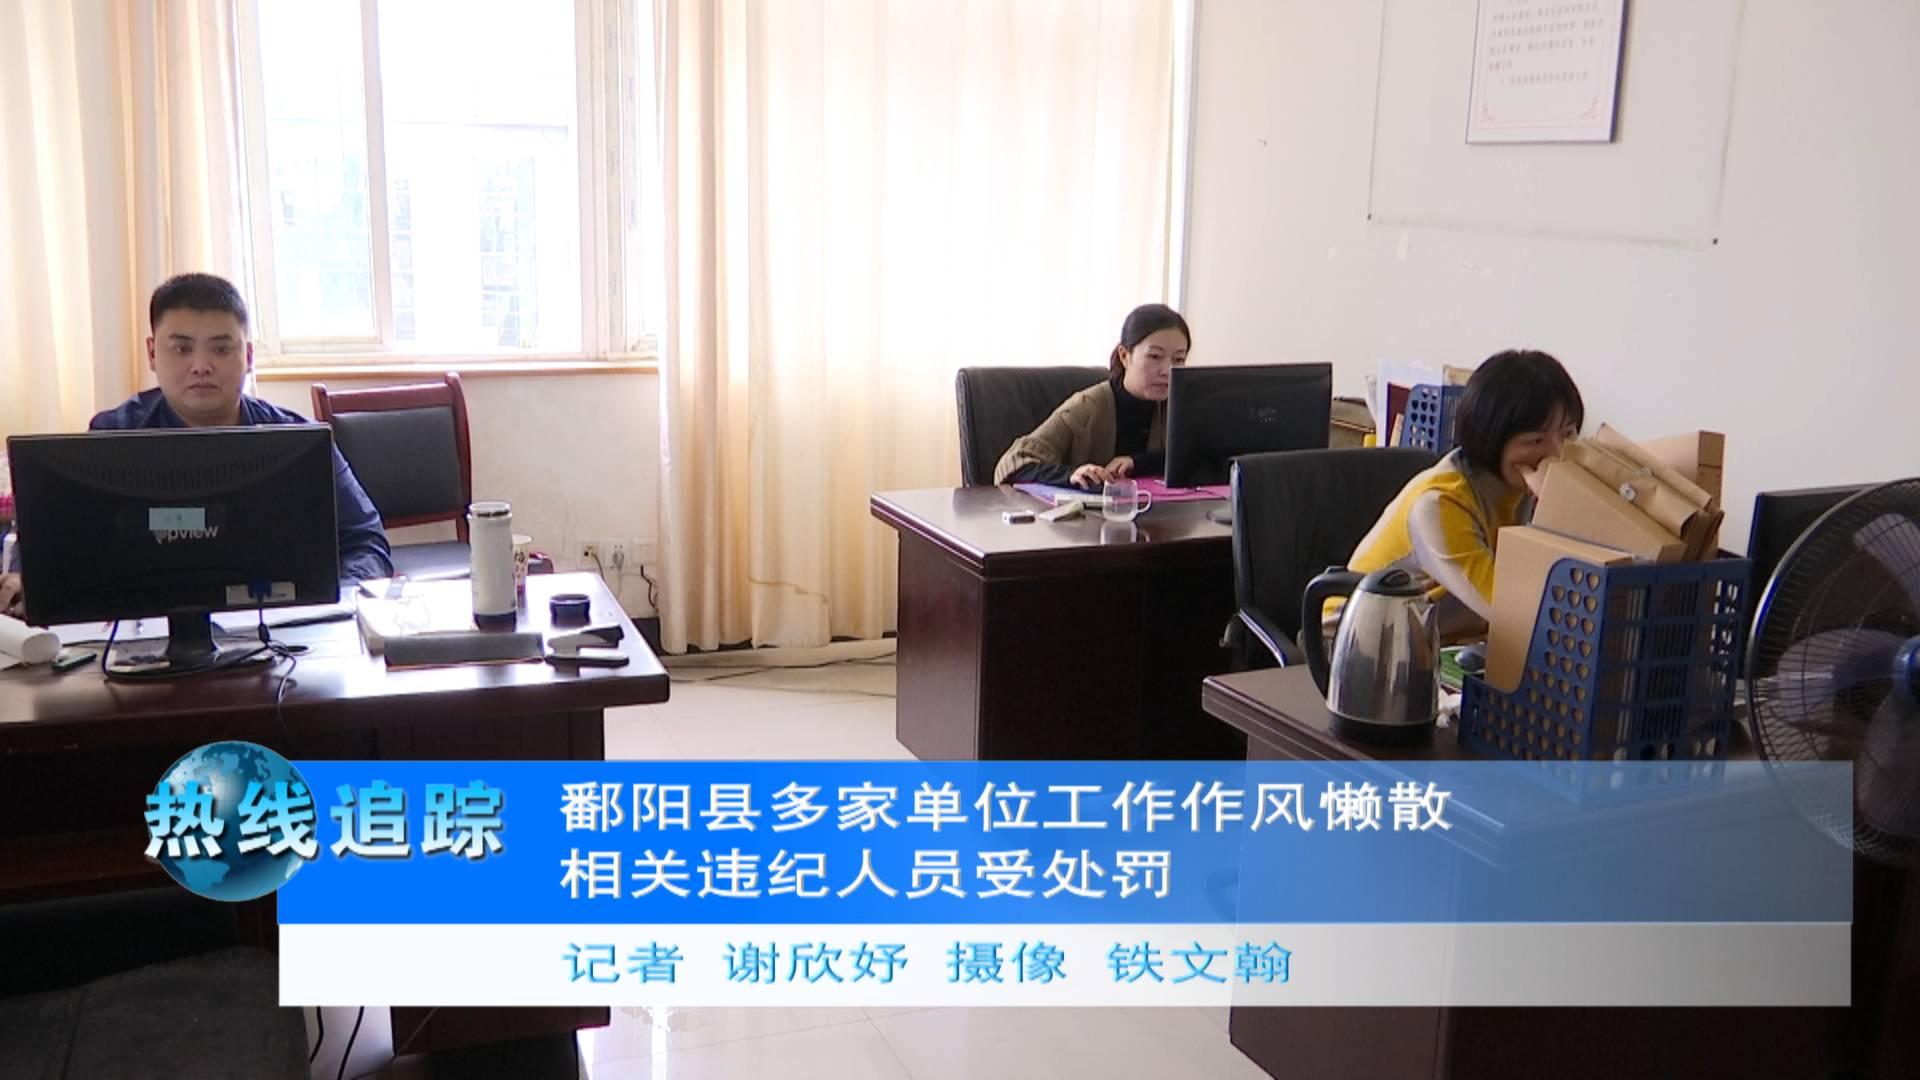 鄱阳县多家单位工作作风懒散 相关违纪人员受处罚